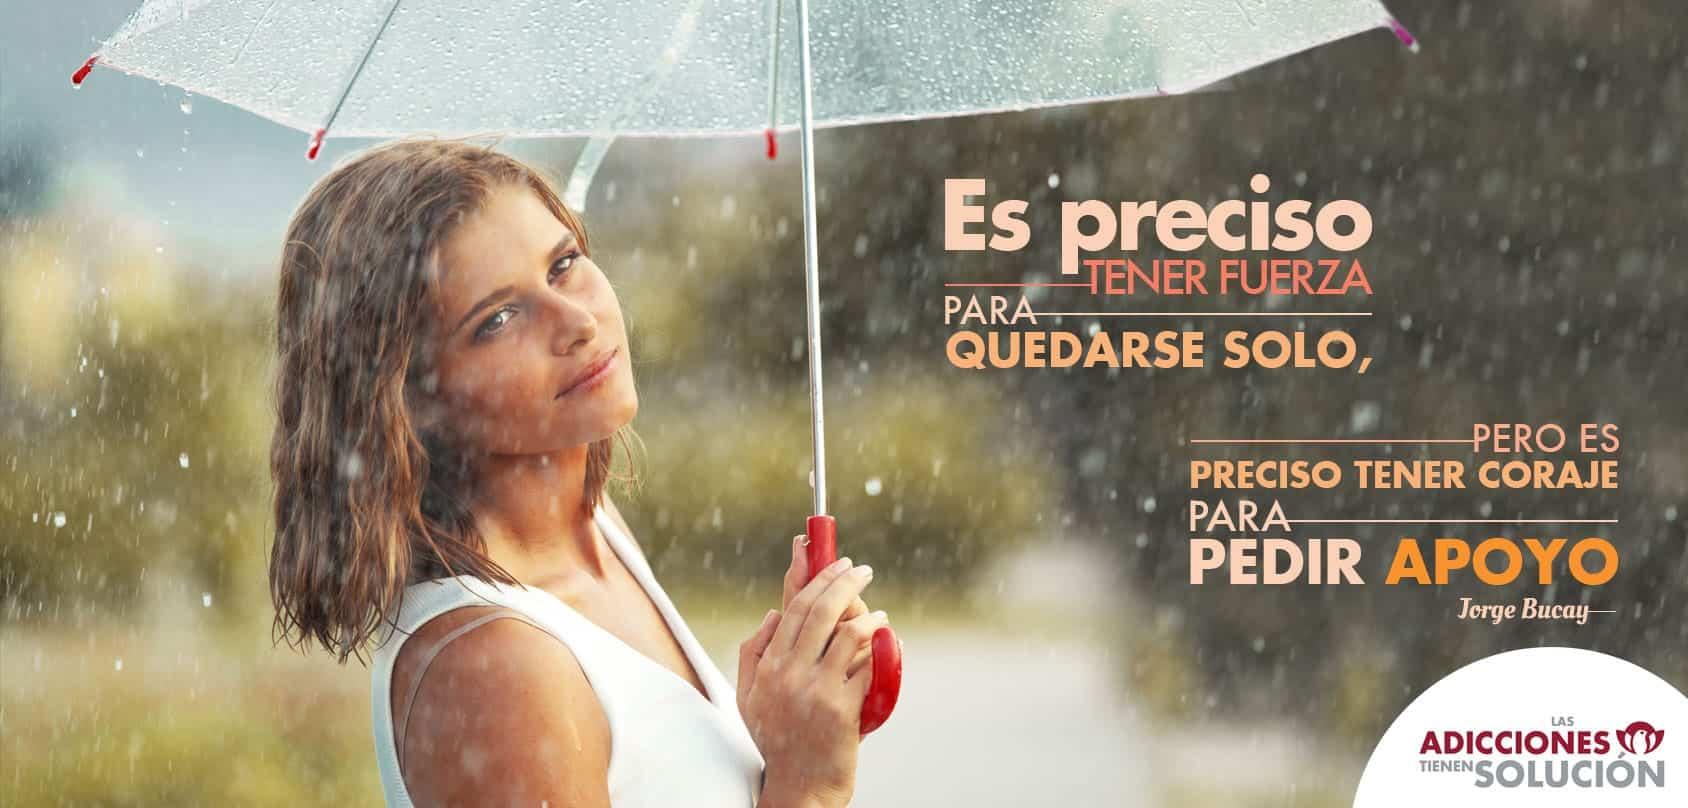 pieza_monte-fenix_preciso_apoyo